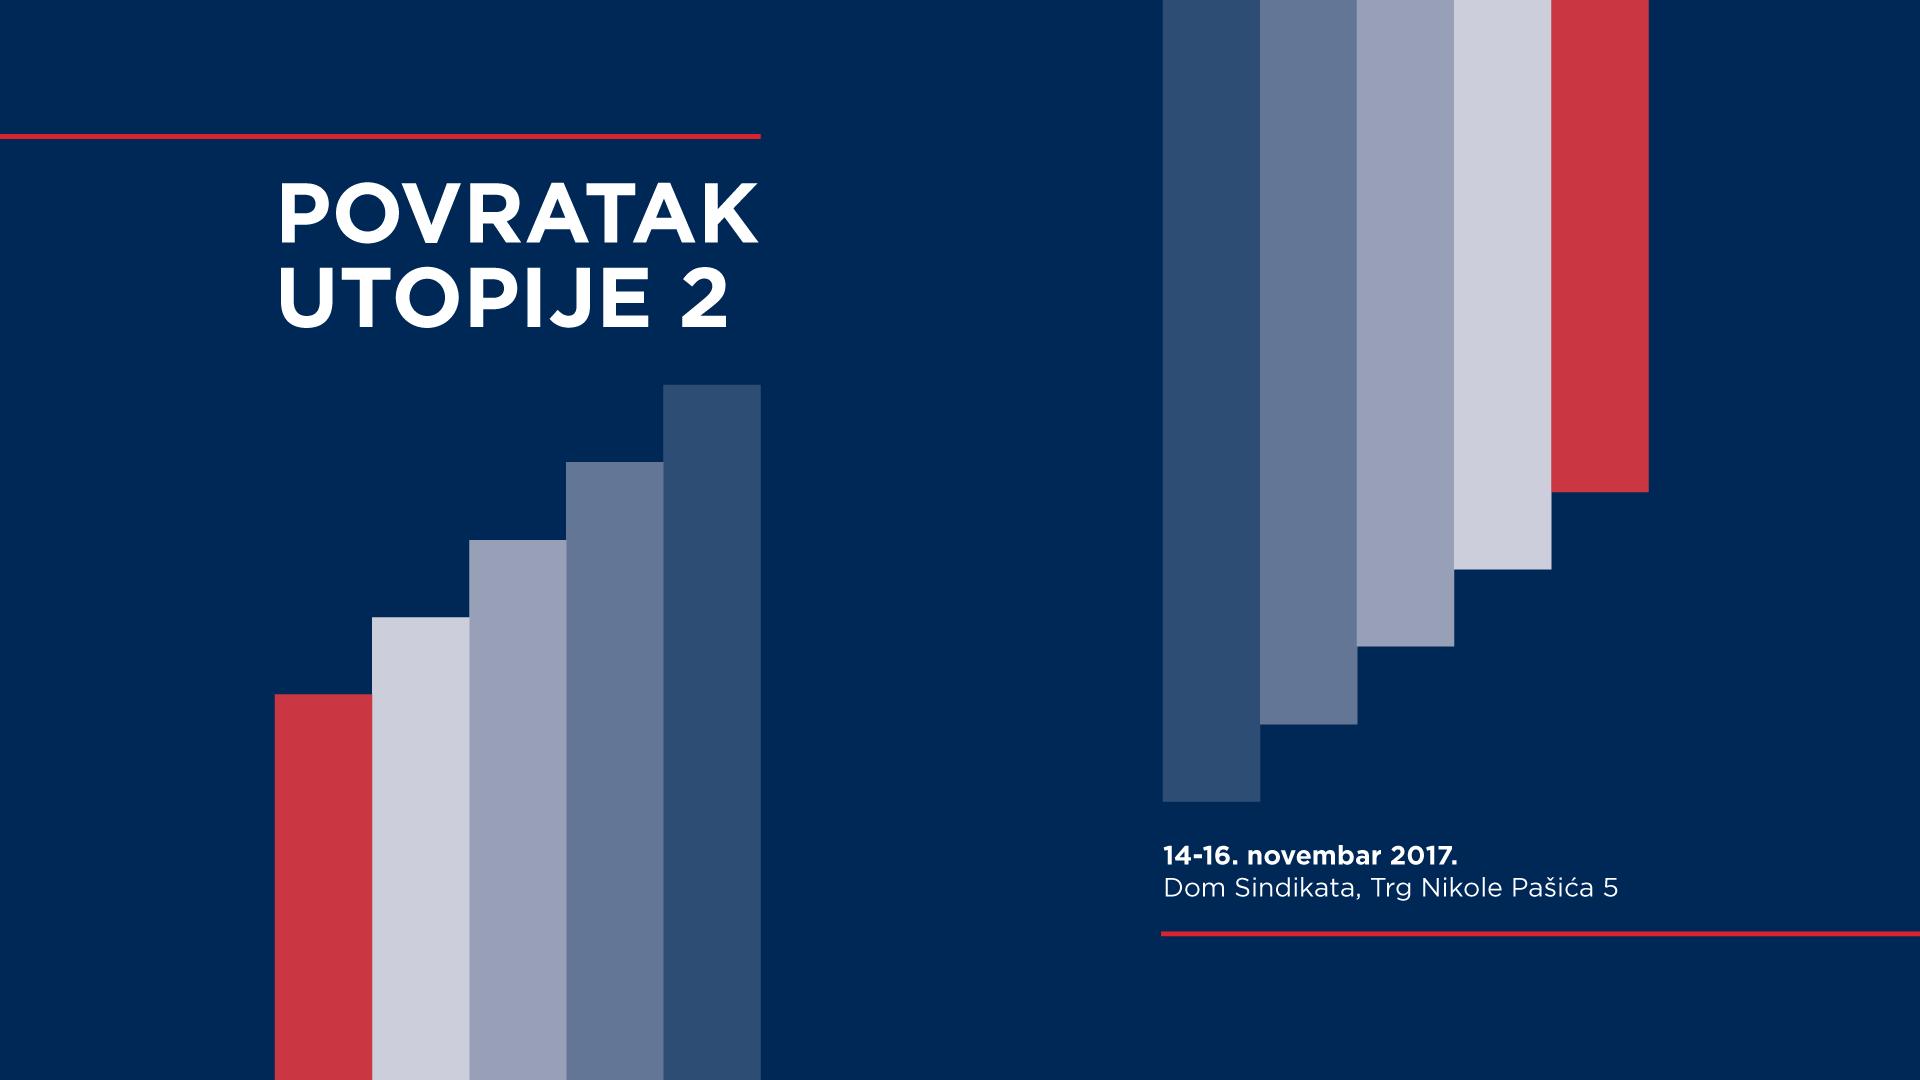 """""""Povratak utopije 2"""" od 14 do 16 novembra"""